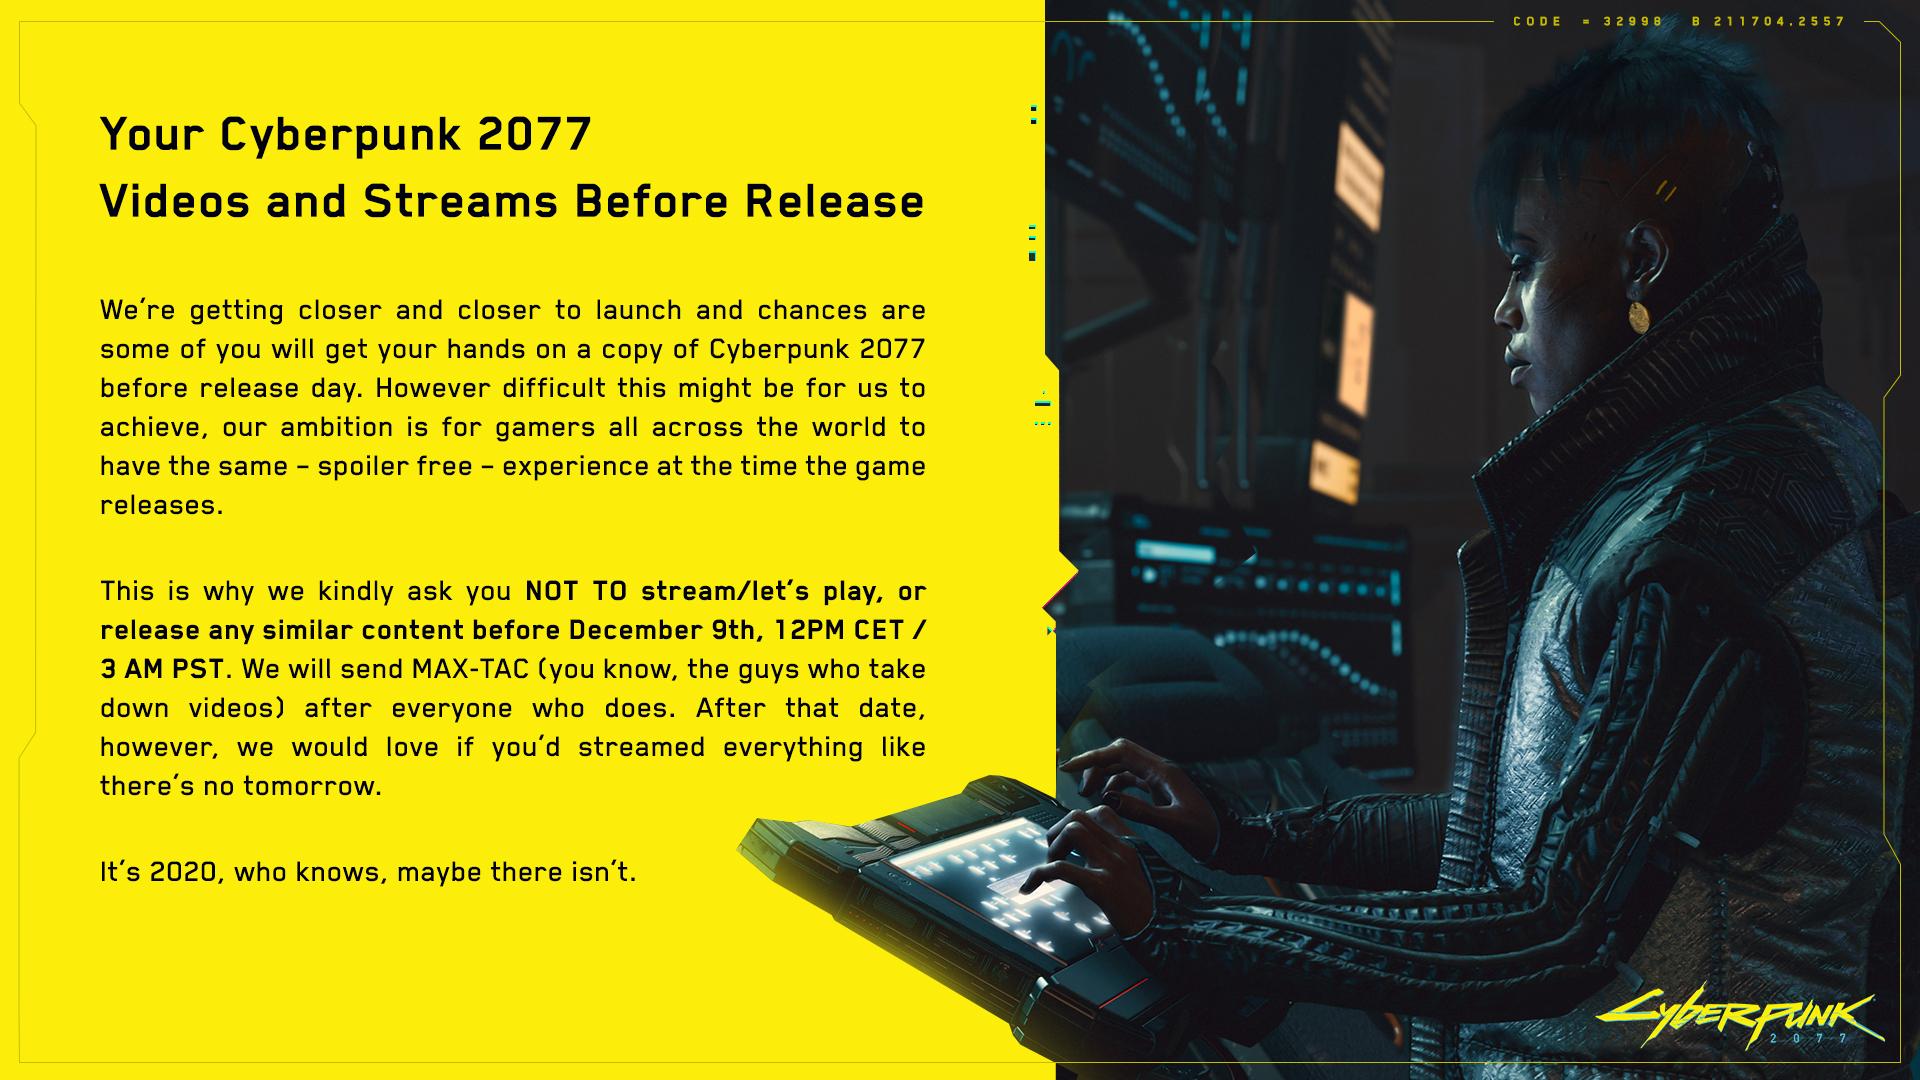 Cyberpunk 2077 Geliştiricileri, Oyunculardan Çıkış Tarihinden Önce Yayın Yapmamalarını İstiyor